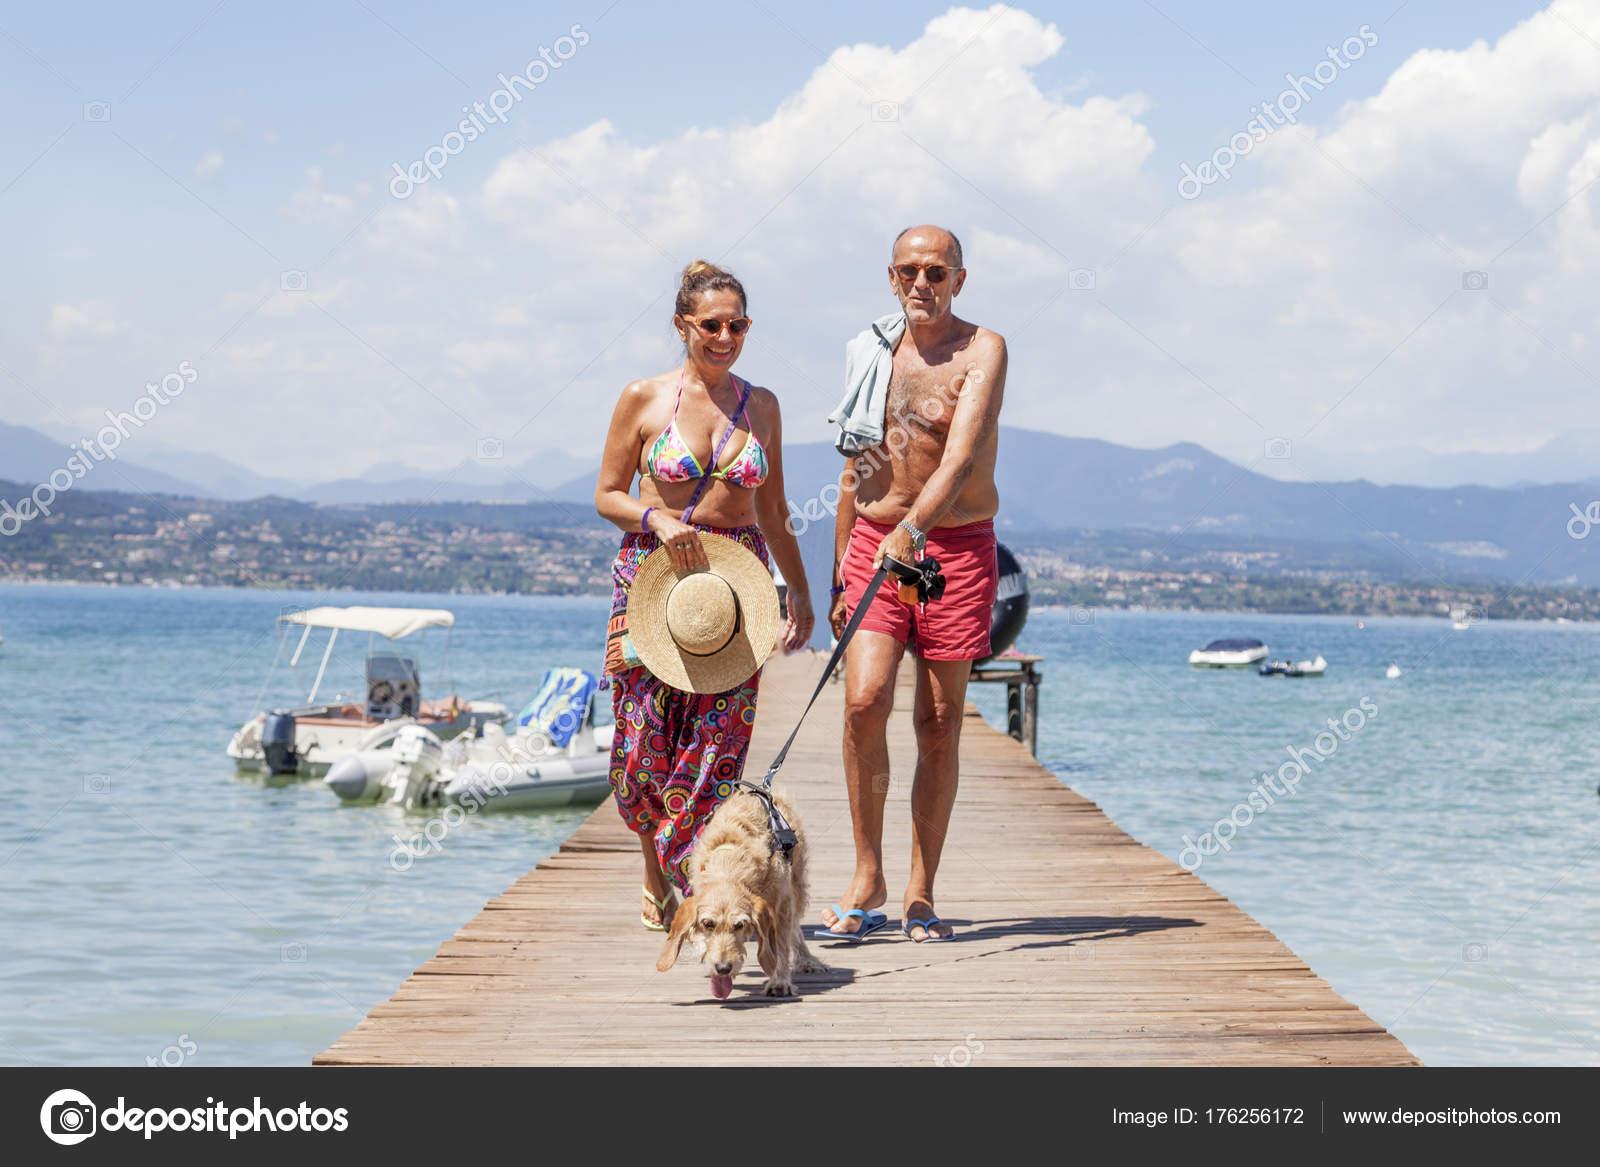 Coppie mature rilassante in costume da bagno cammina con un cane